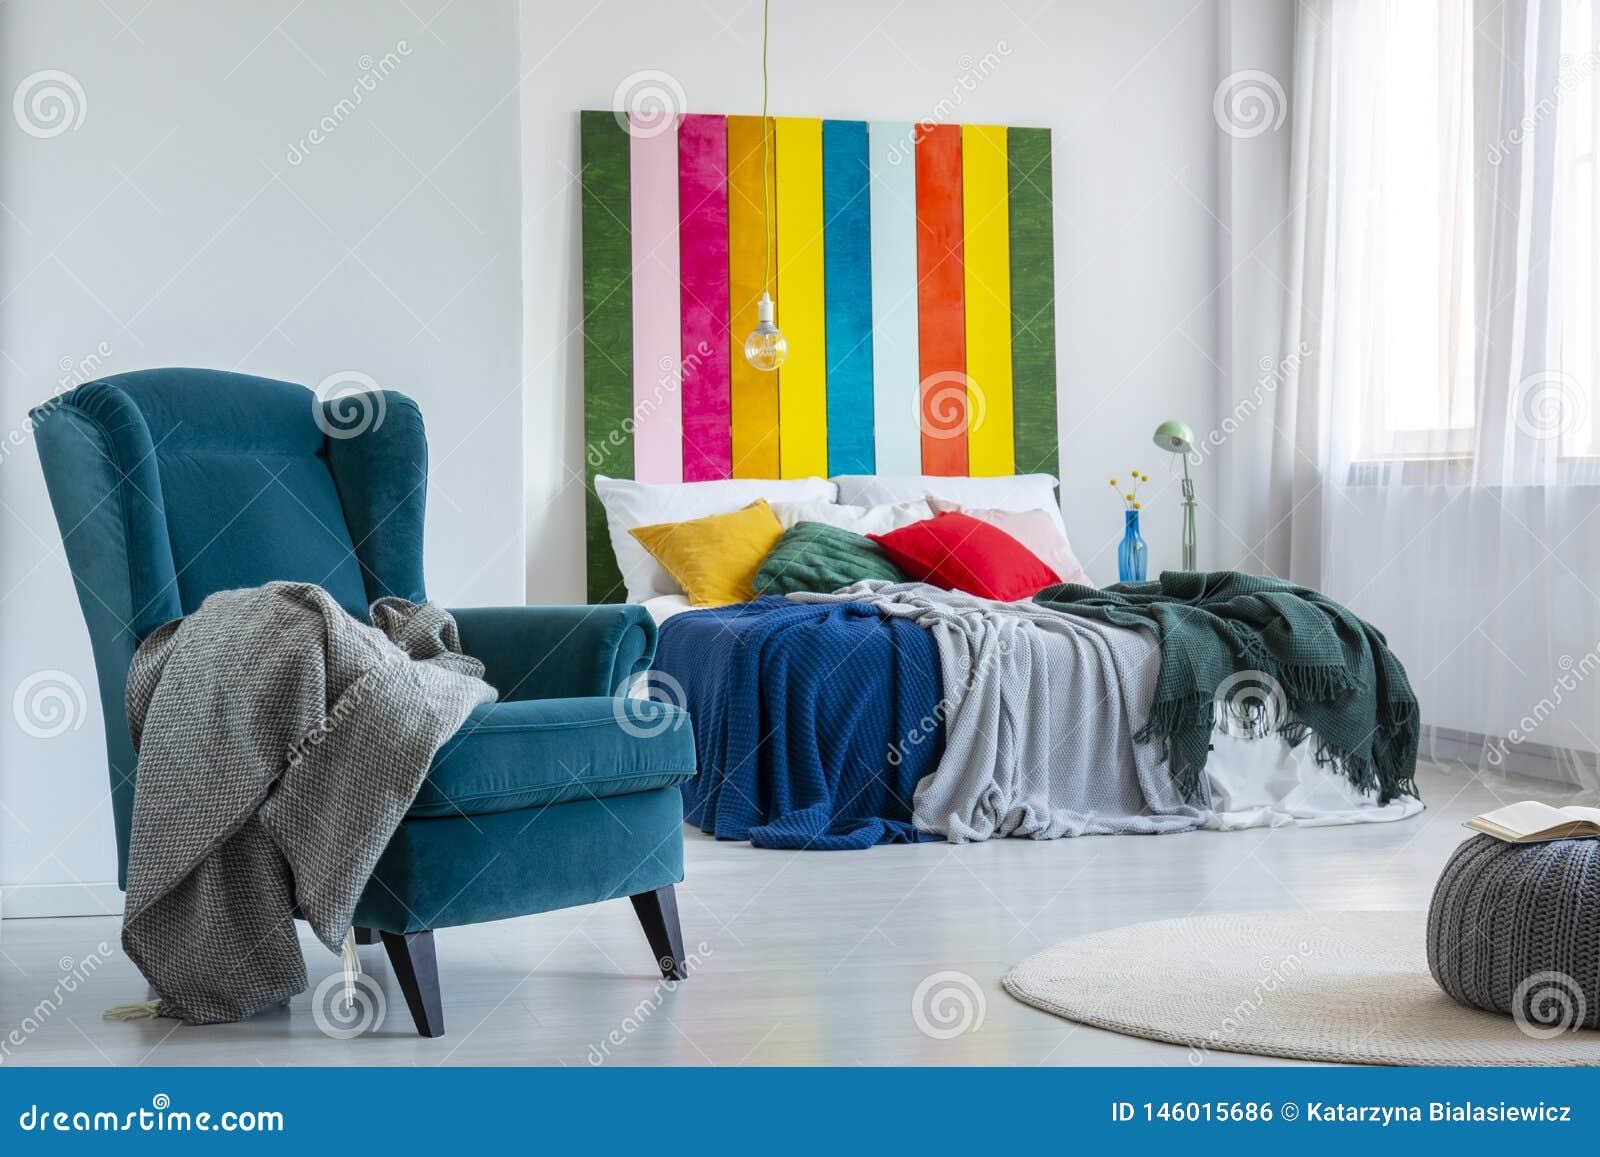 Grijze deken op een leunstoel op z n gemak, blauwe naast een kleurrijk bed met kussens in een helder slaapkamerbinnenland met het